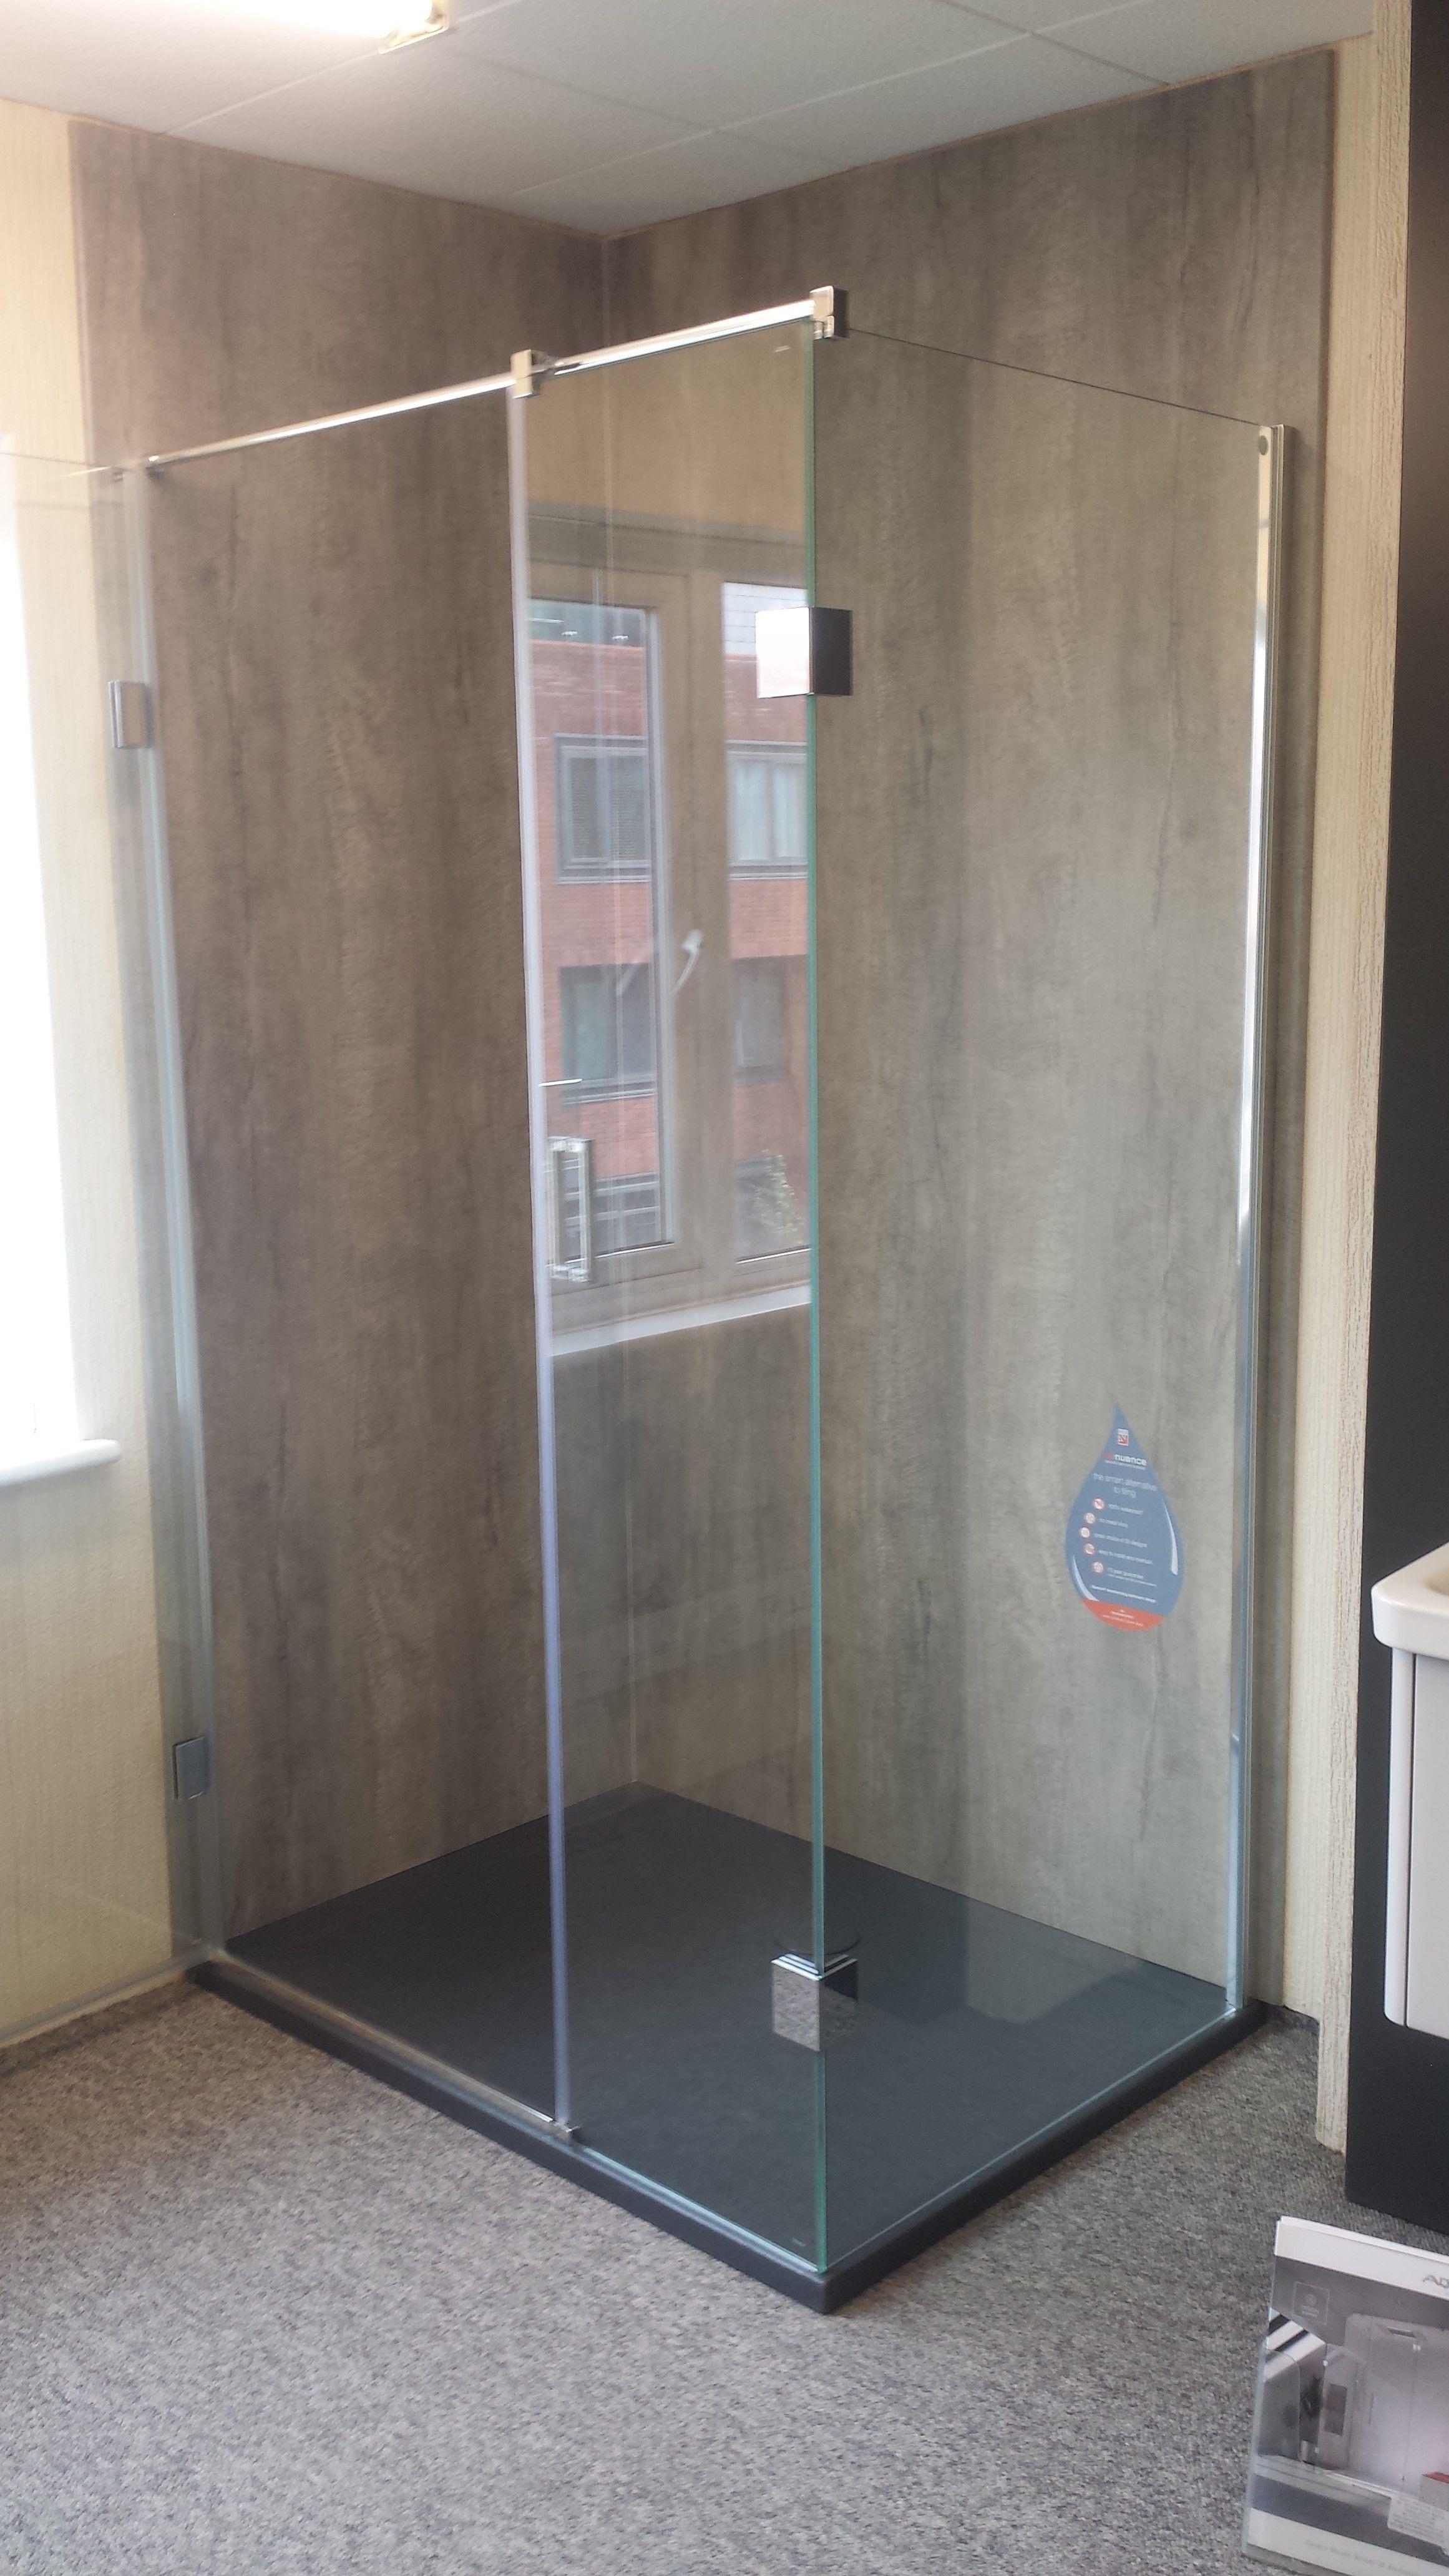 Epsom Bathroom Centre Displaying Our Nuance Range #Bushboardideas #Bathroomideas #Bathroom